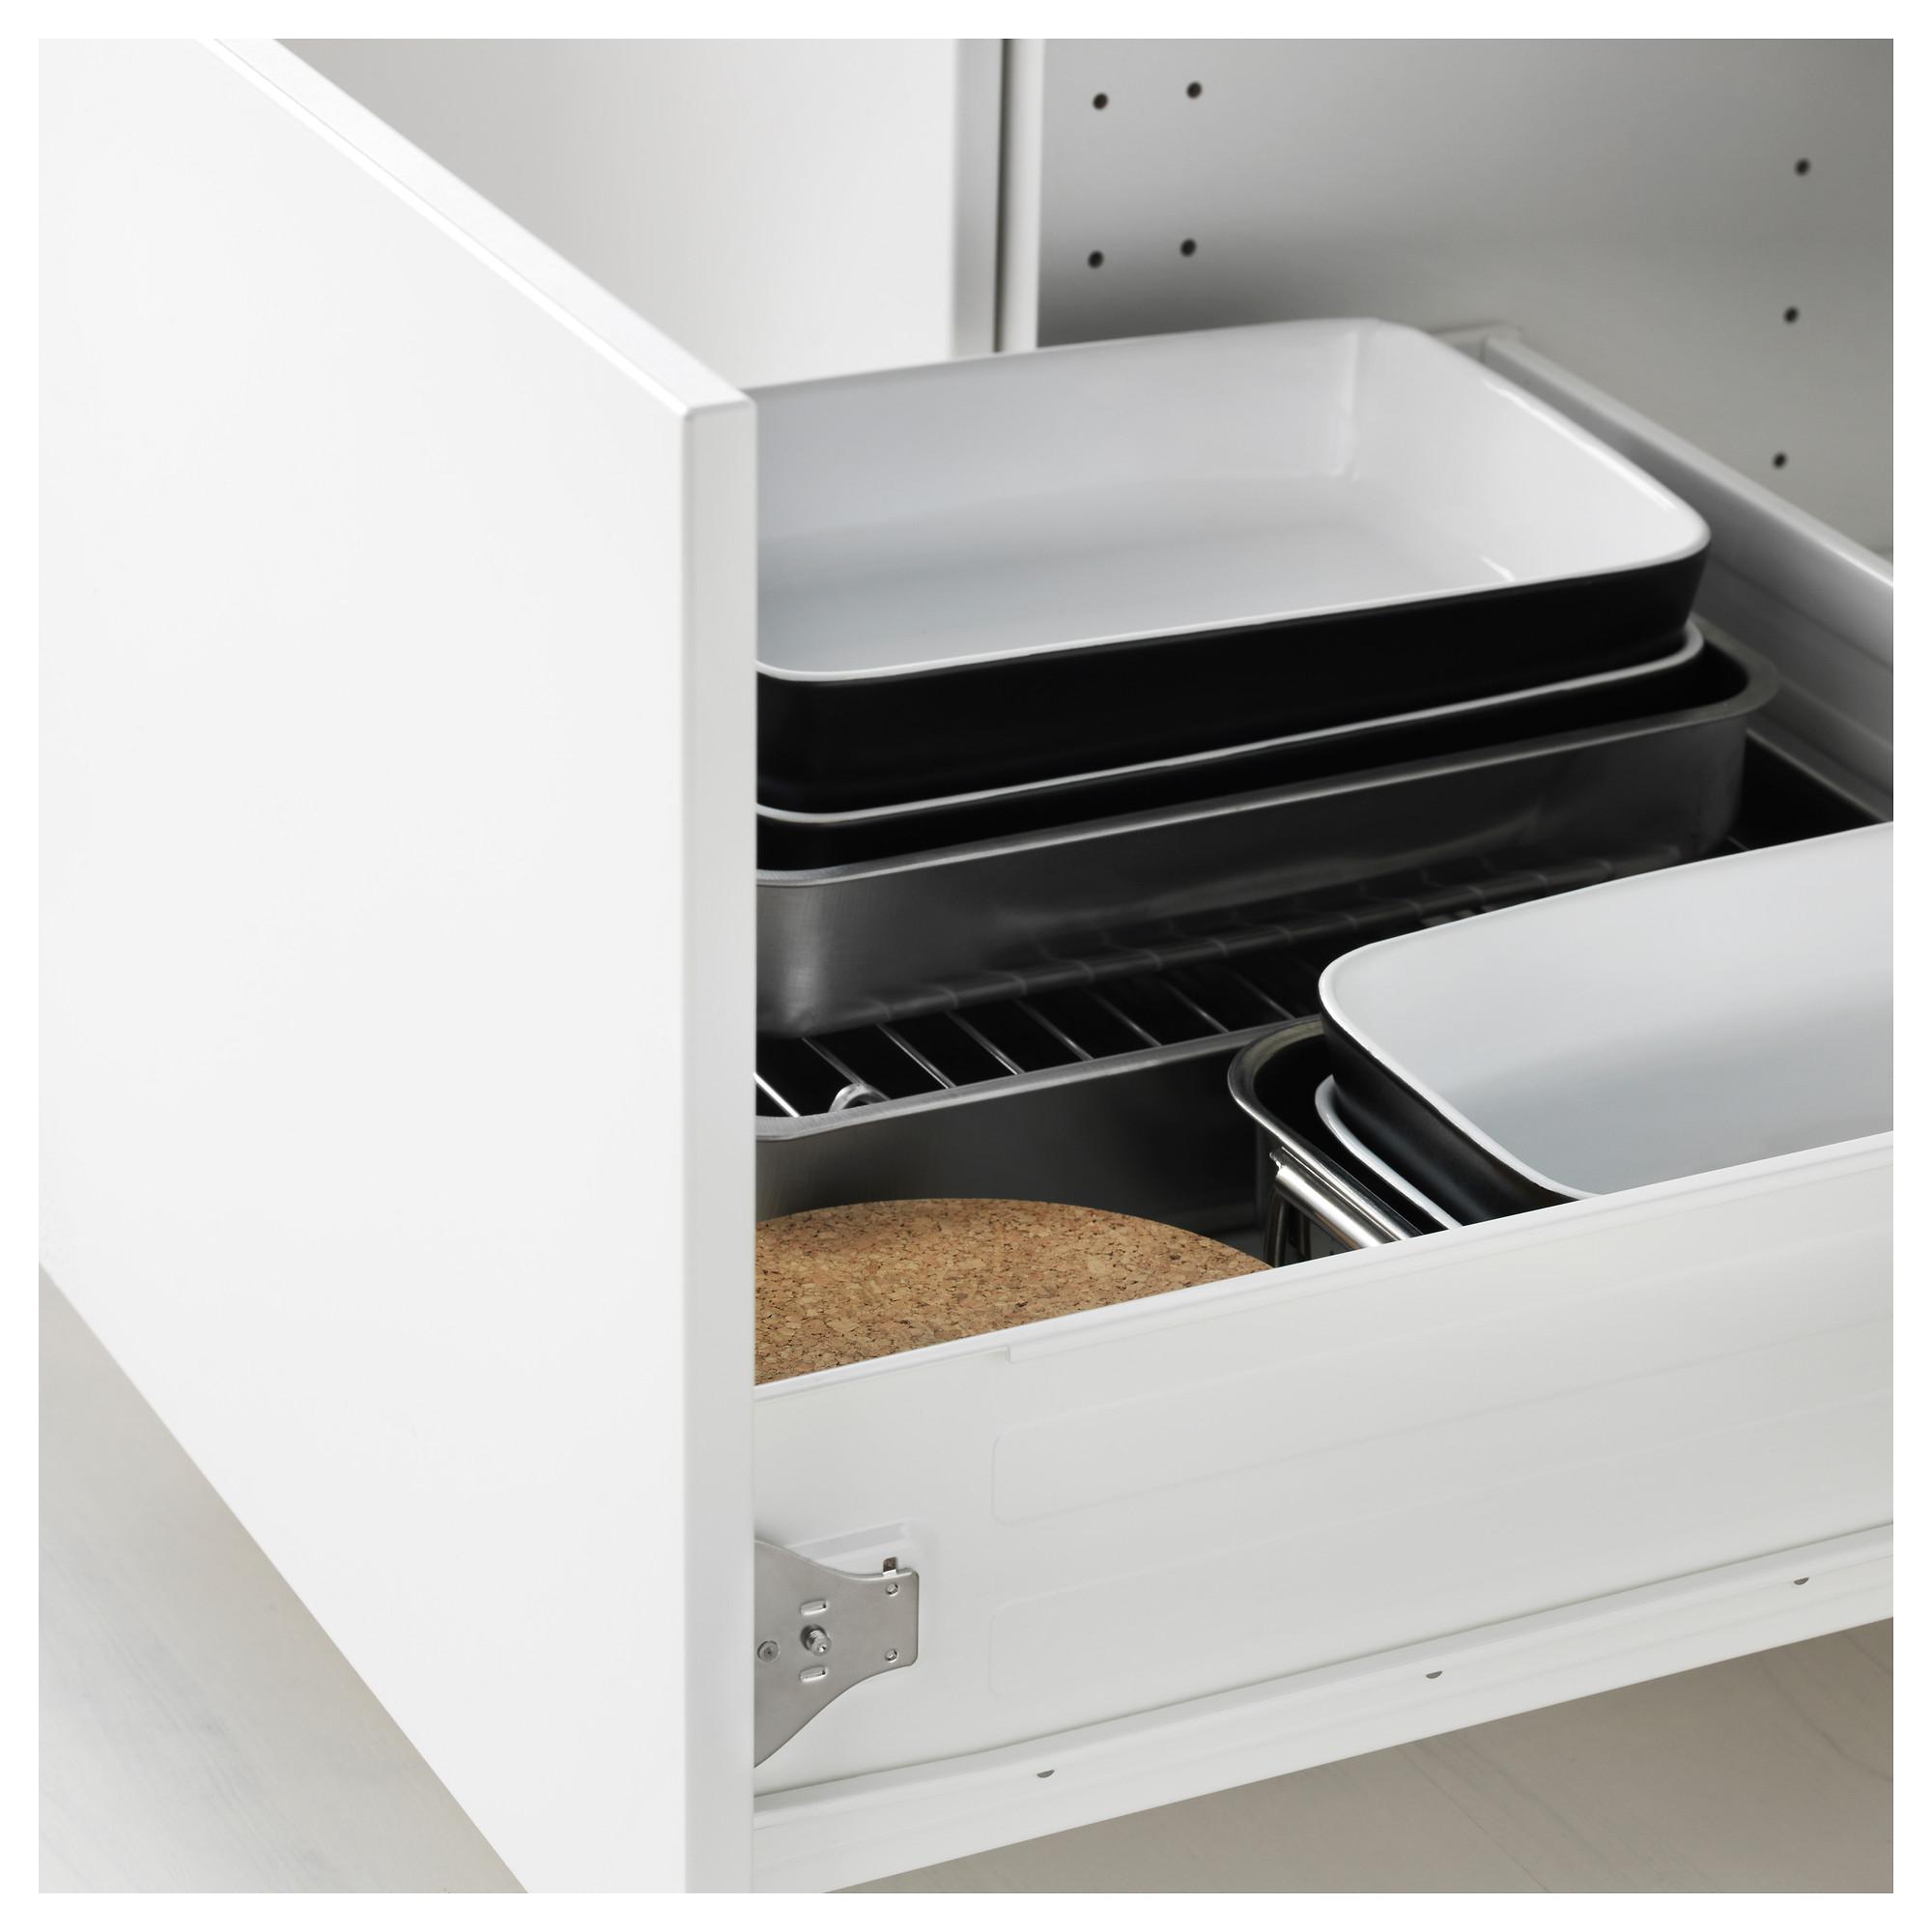 Высокий шкаф для духовки, дверца, 4 ящика МЕТОД / ФОРВАРА черный артикуль № 992.674.39 в наличии. Online каталог IKEA РБ. Недорогая доставка и установка.